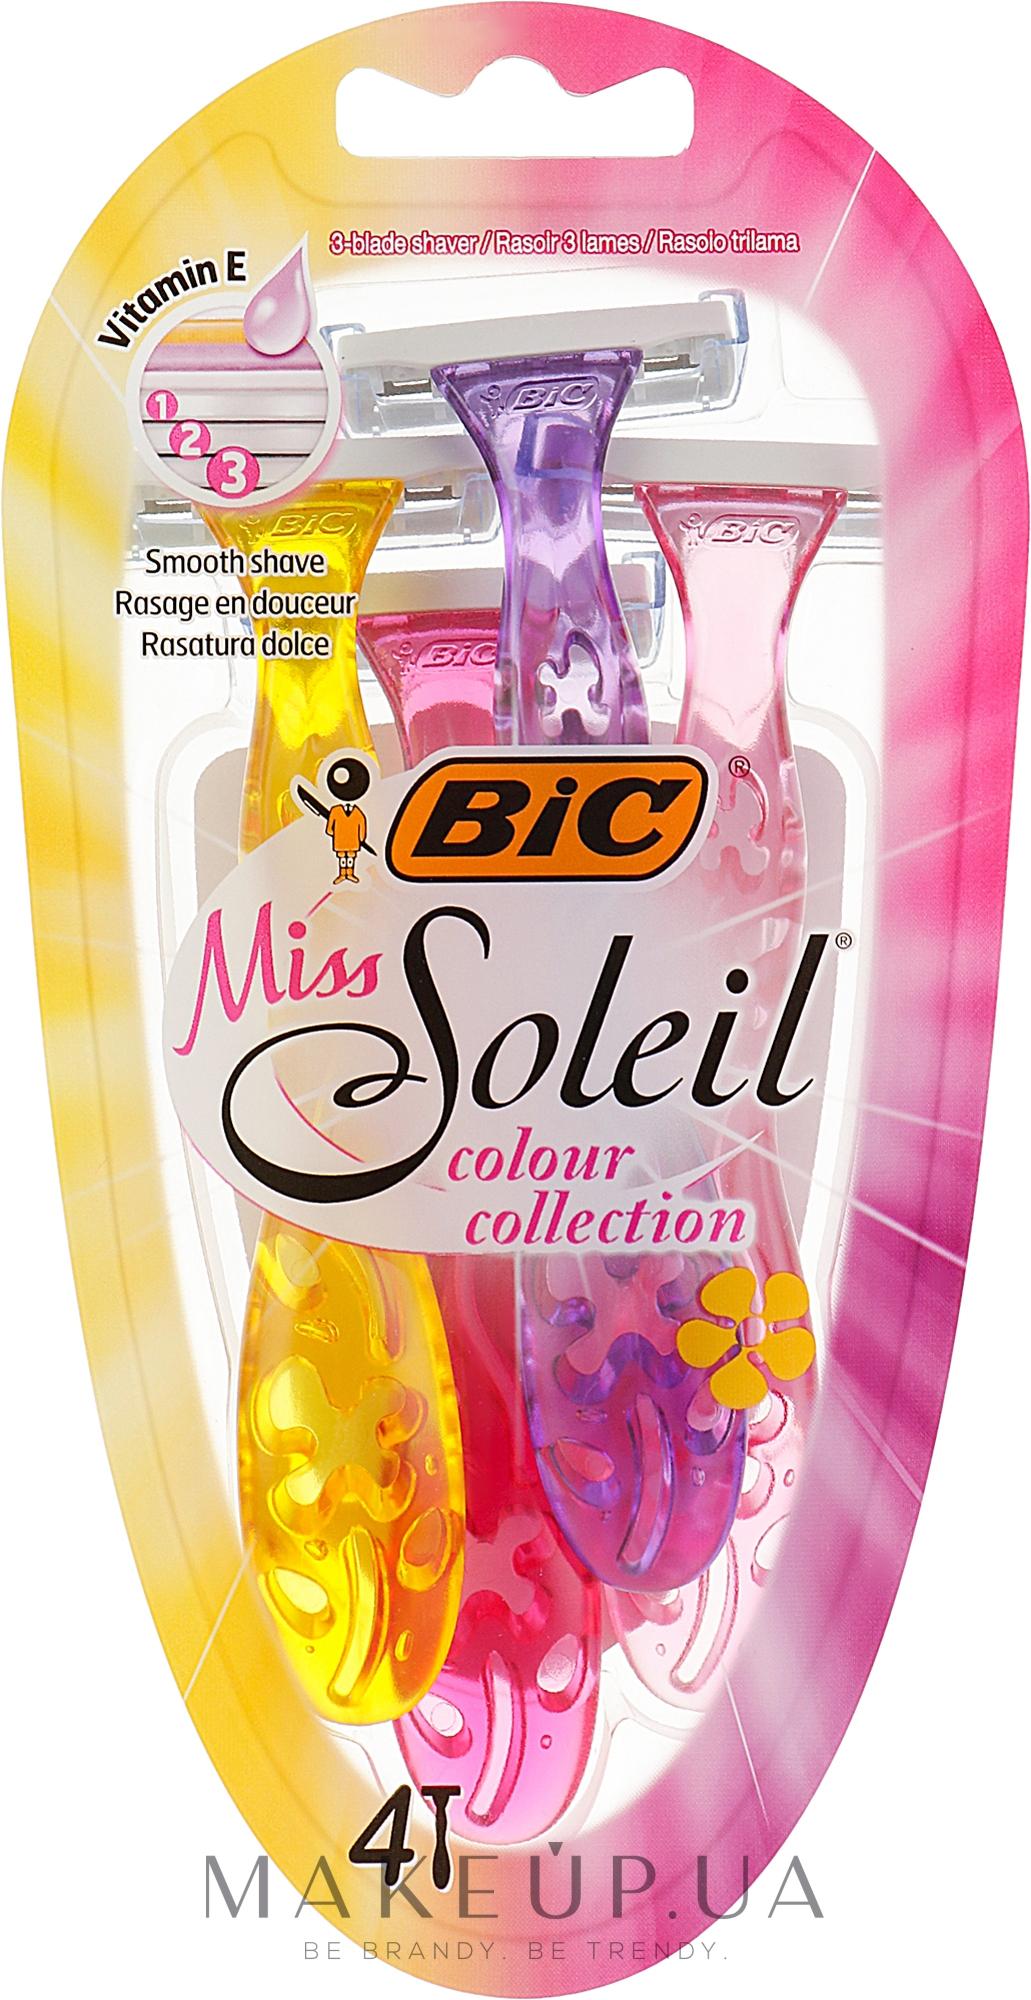 """Набір бритв без змінних картриджів """"Miss Soleil Colour Collection"""", 4 шт. - Bic — фото 4шт"""